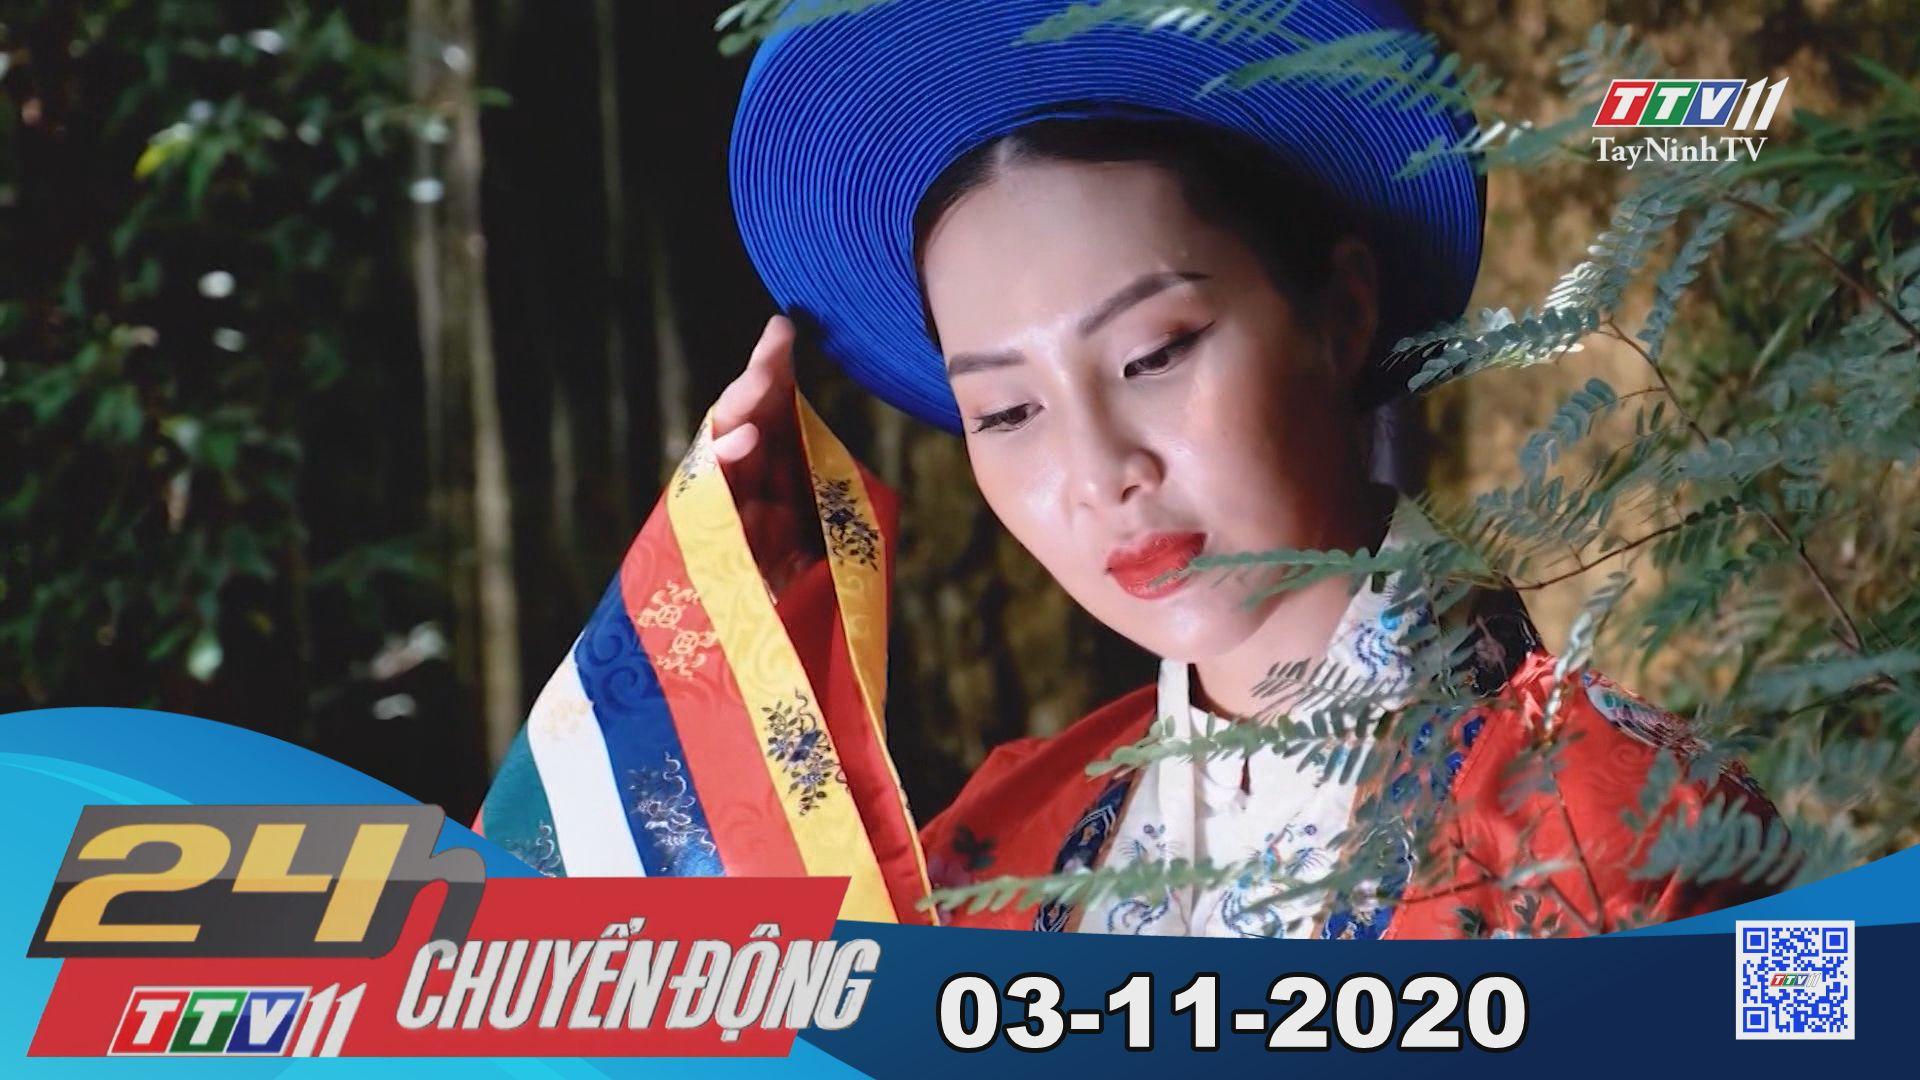 24h Chuyển động 03-11-2020   Tin tức hôm nay   TayNinhTV